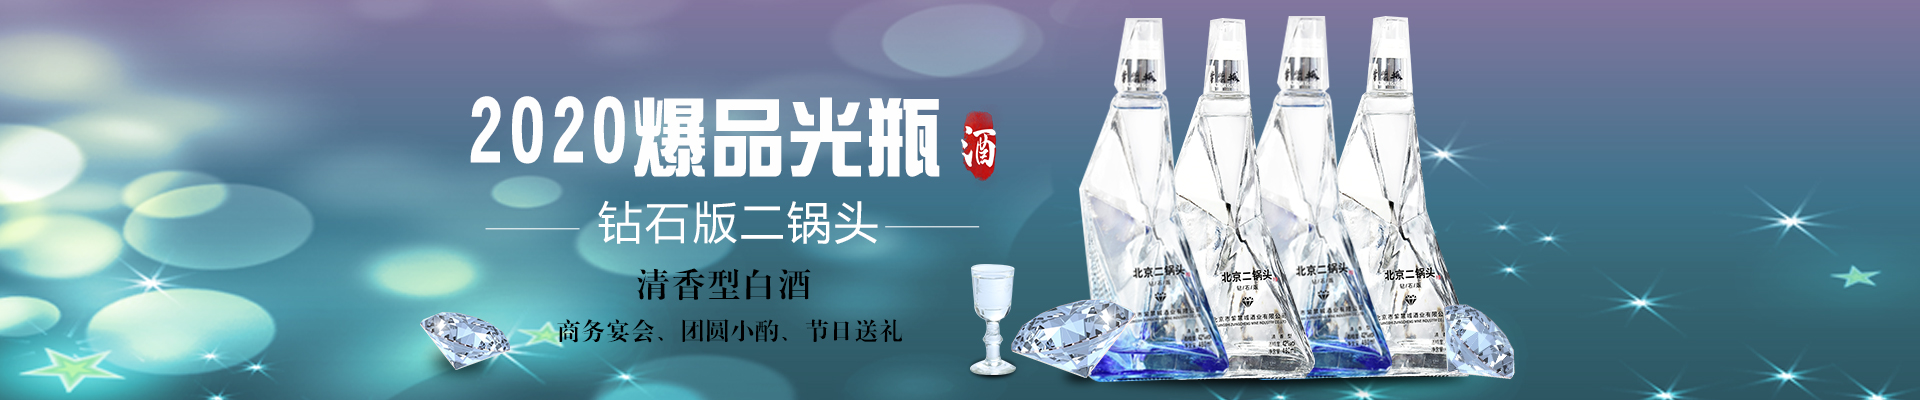 紫禁城酒厂